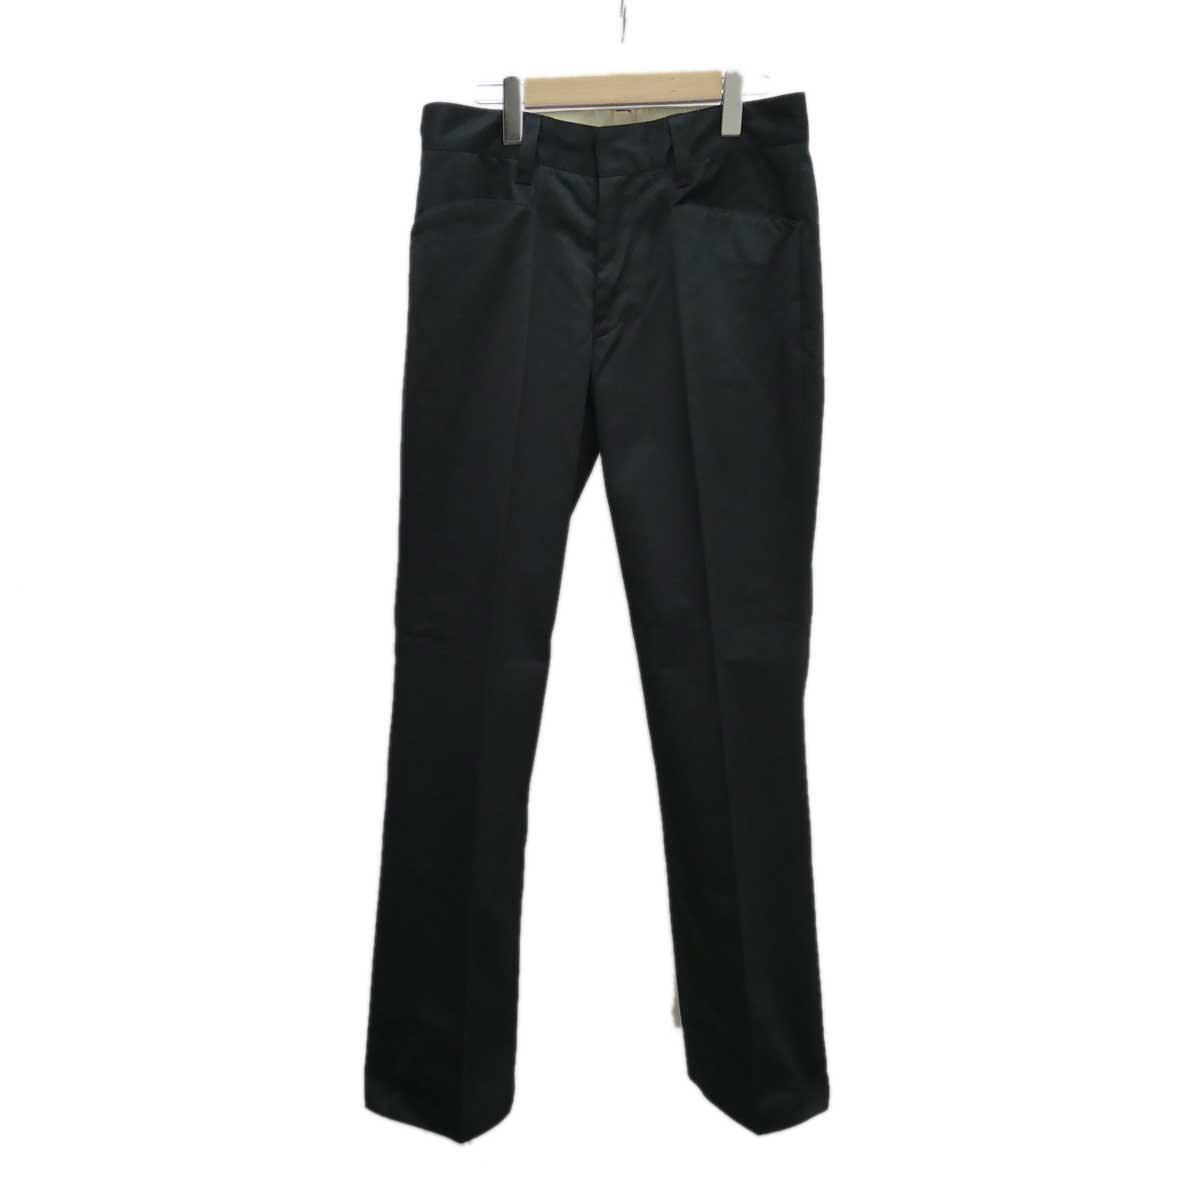 【中古】Mill パンツ 19AW立ち上げブランド ブラック サイズ:34 【221119】(ミル)